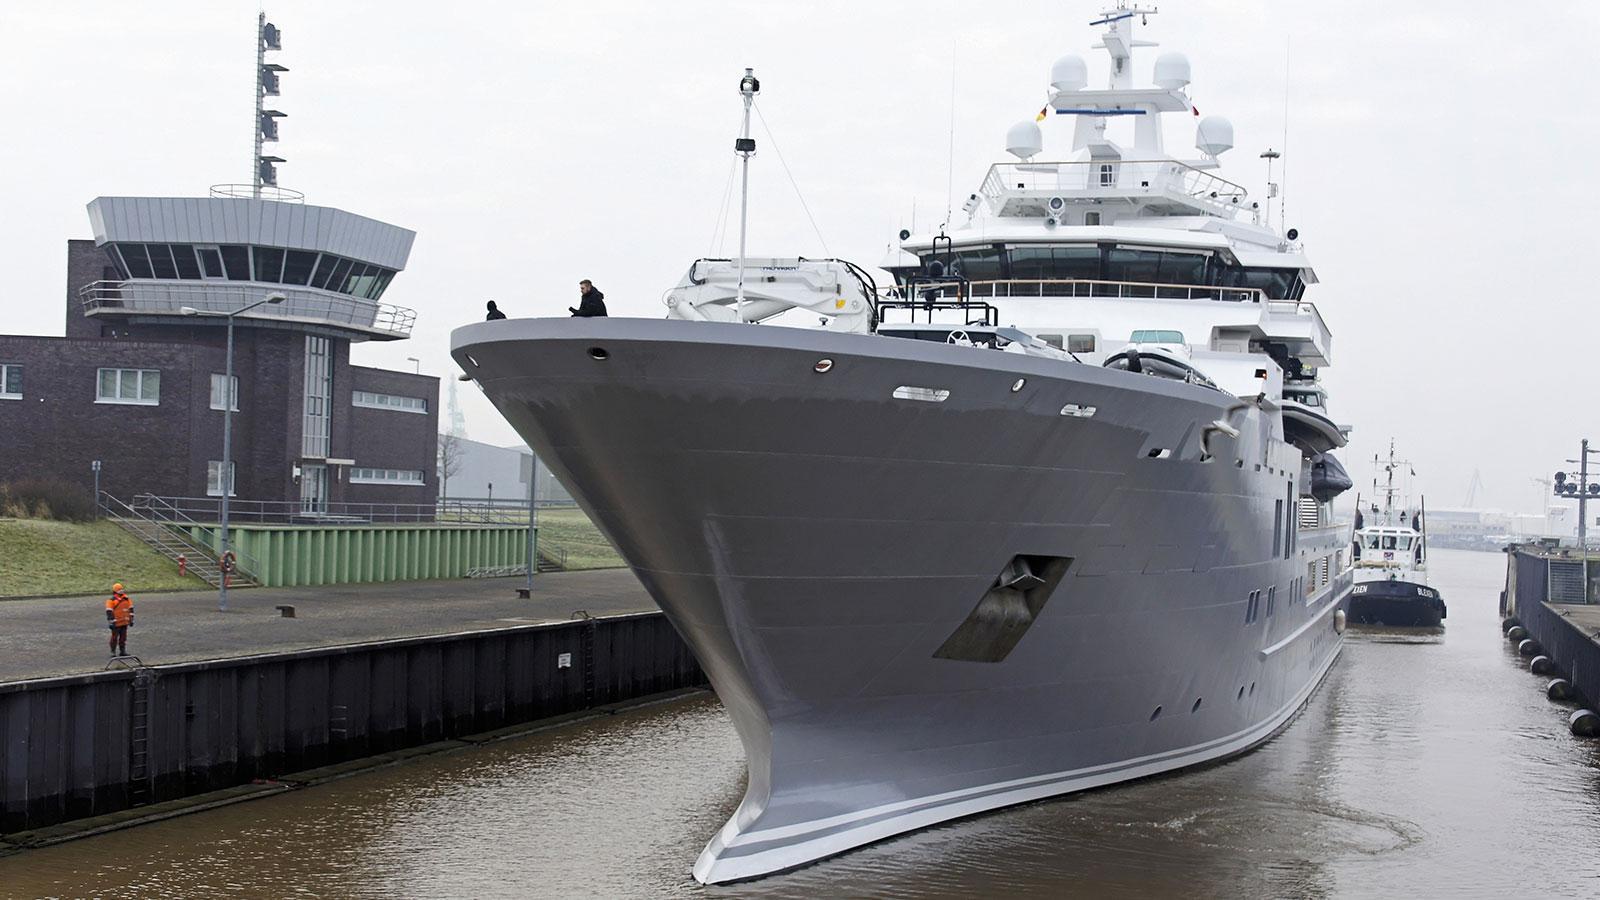 andromeda-ulysses-explorer-yacht-kleven-2015-107m-front